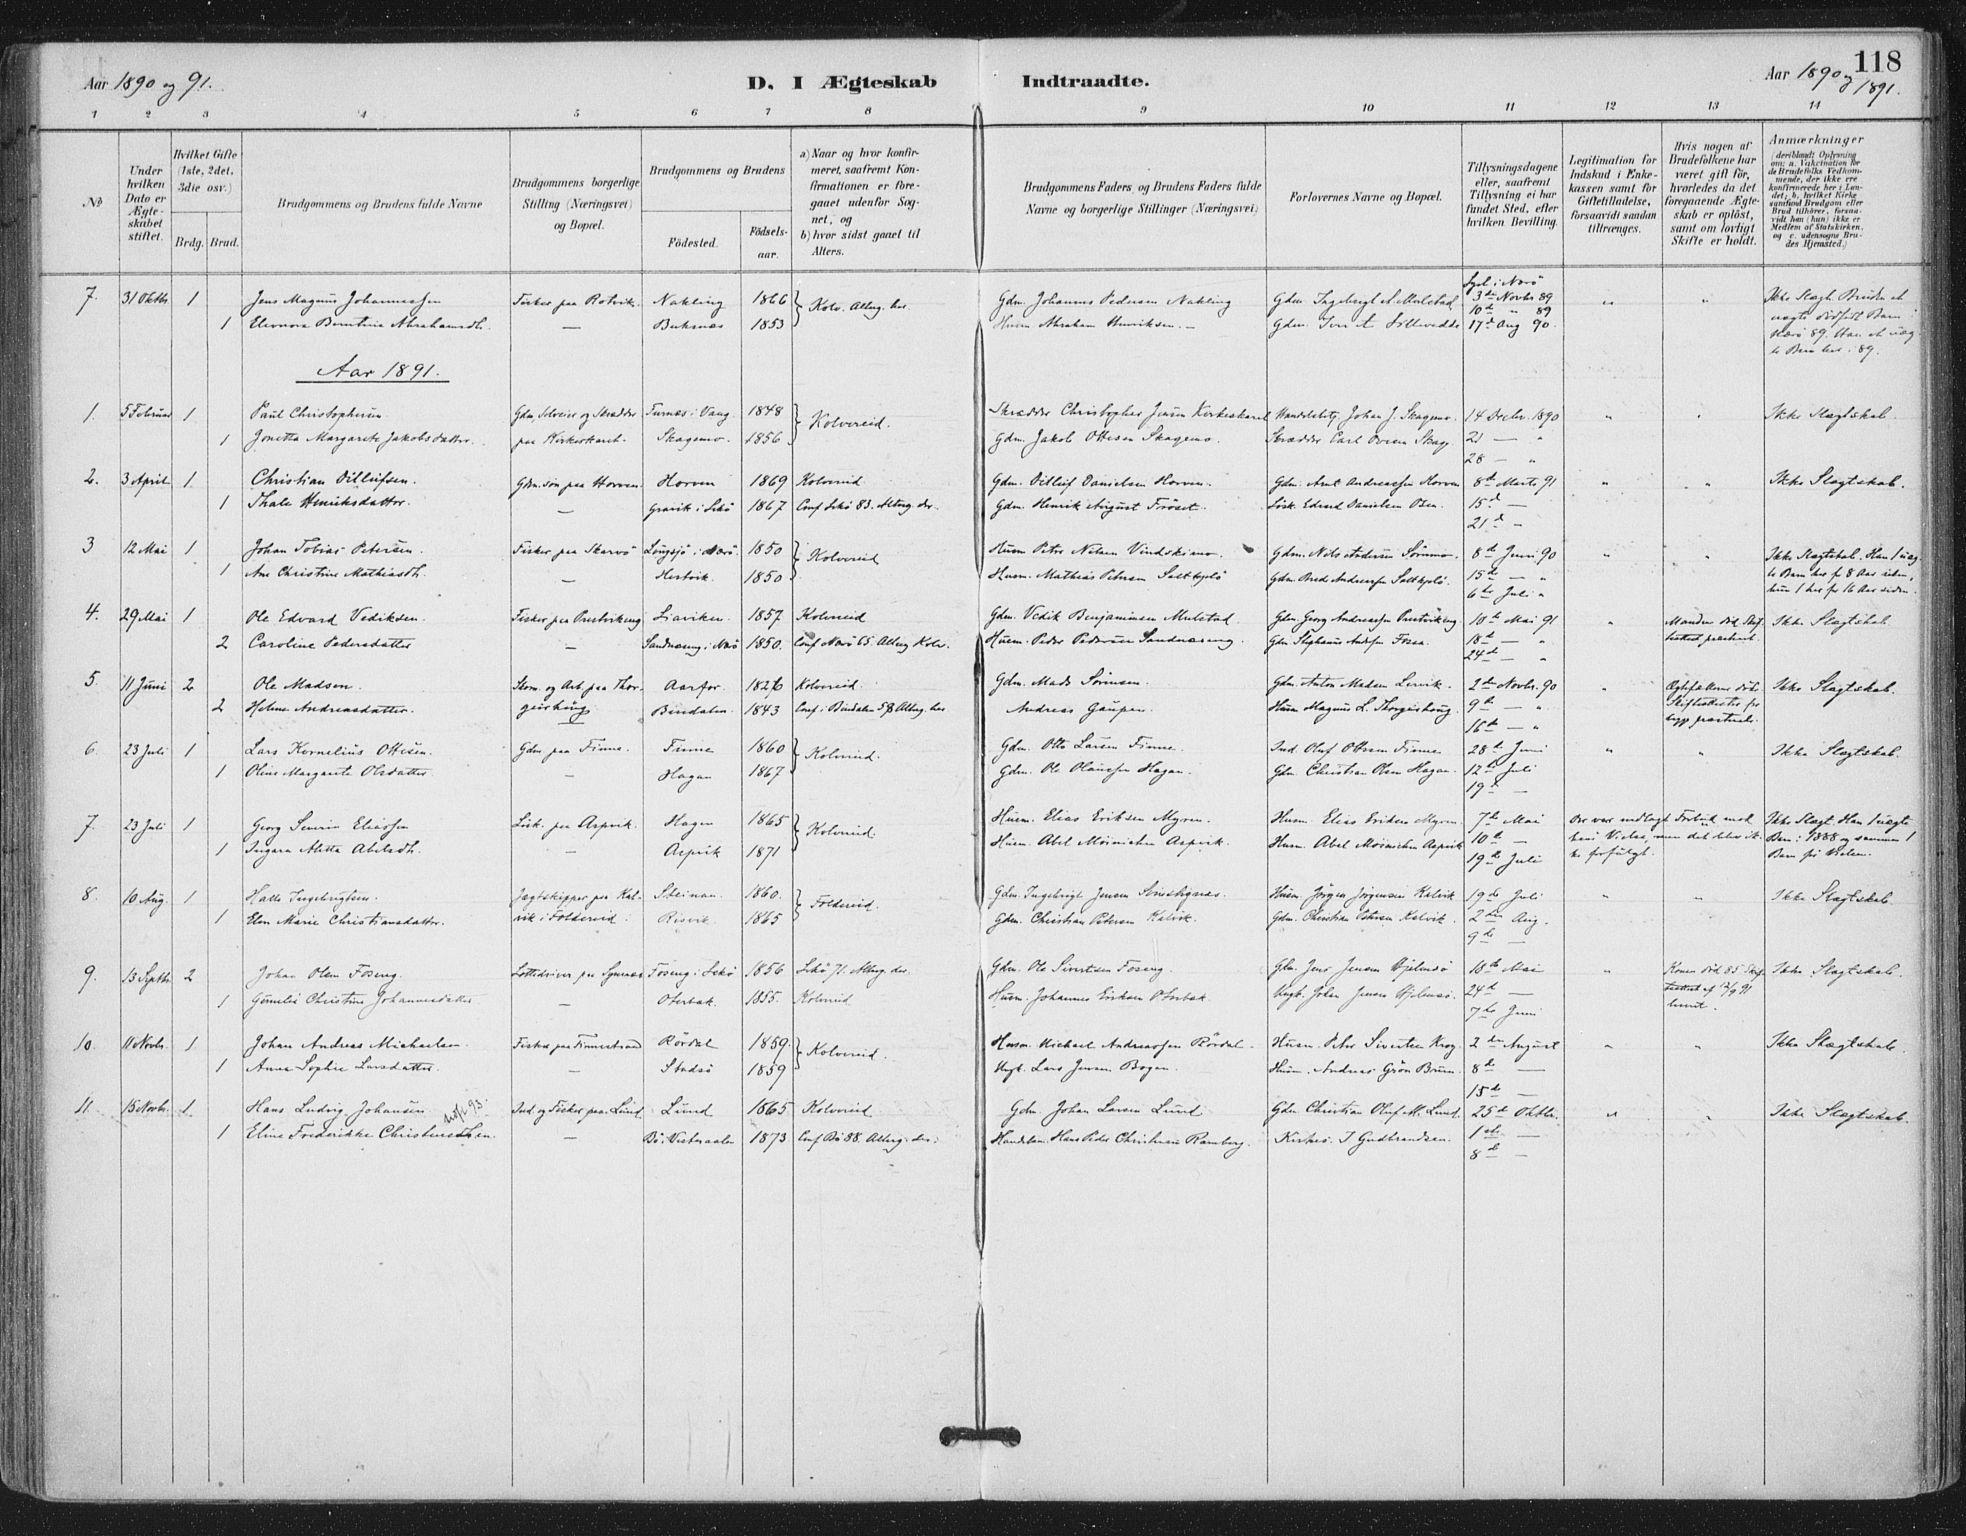 SAT, Ministerialprotokoller, klokkerbøker og fødselsregistre - Nord-Trøndelag, 780/L0644: Ministerialbok nr. 780A08, 1886-1903, s. 118